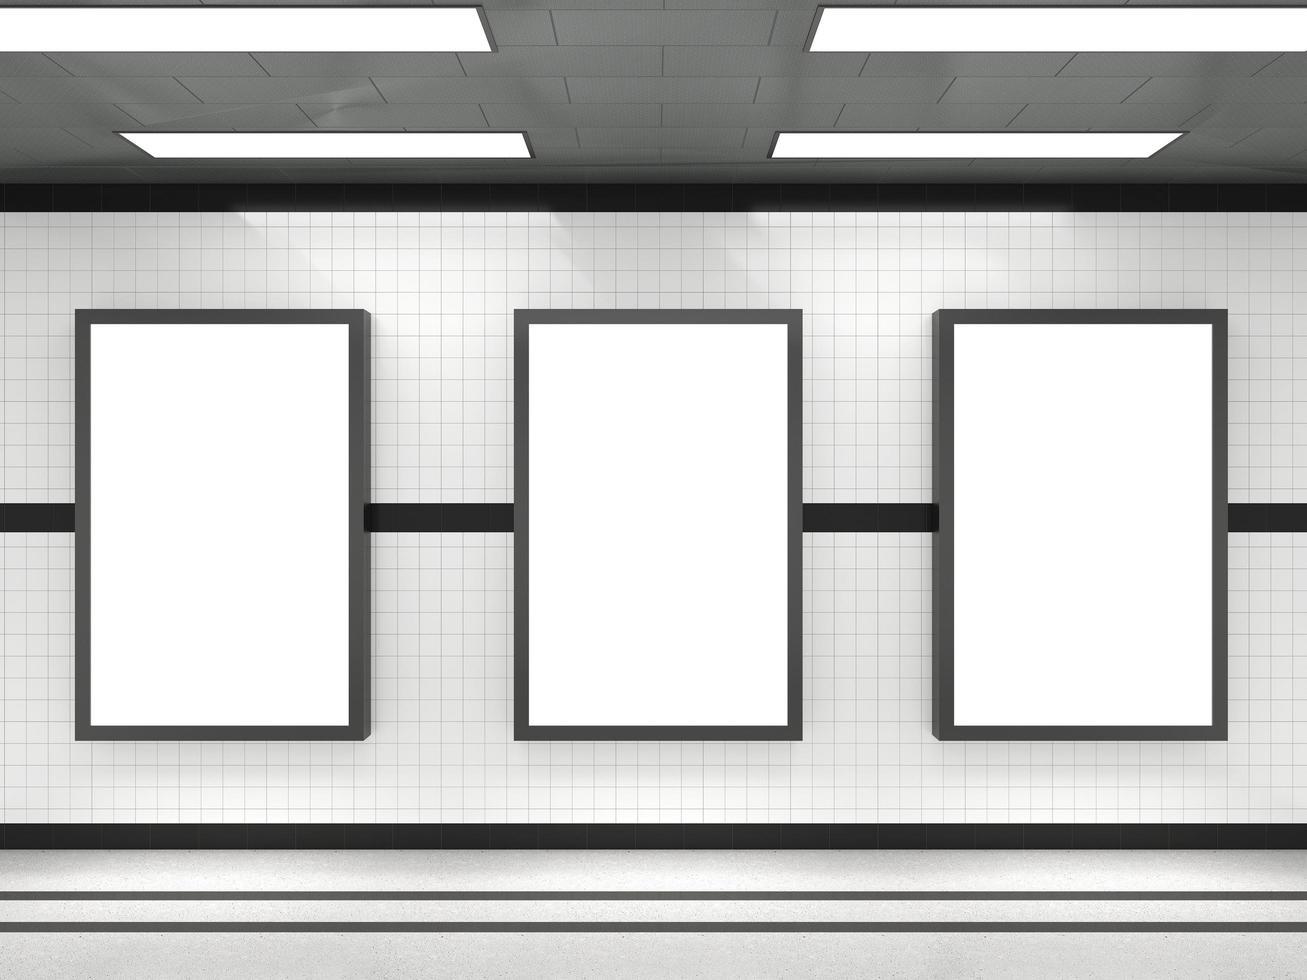 Subway poster mockups photo